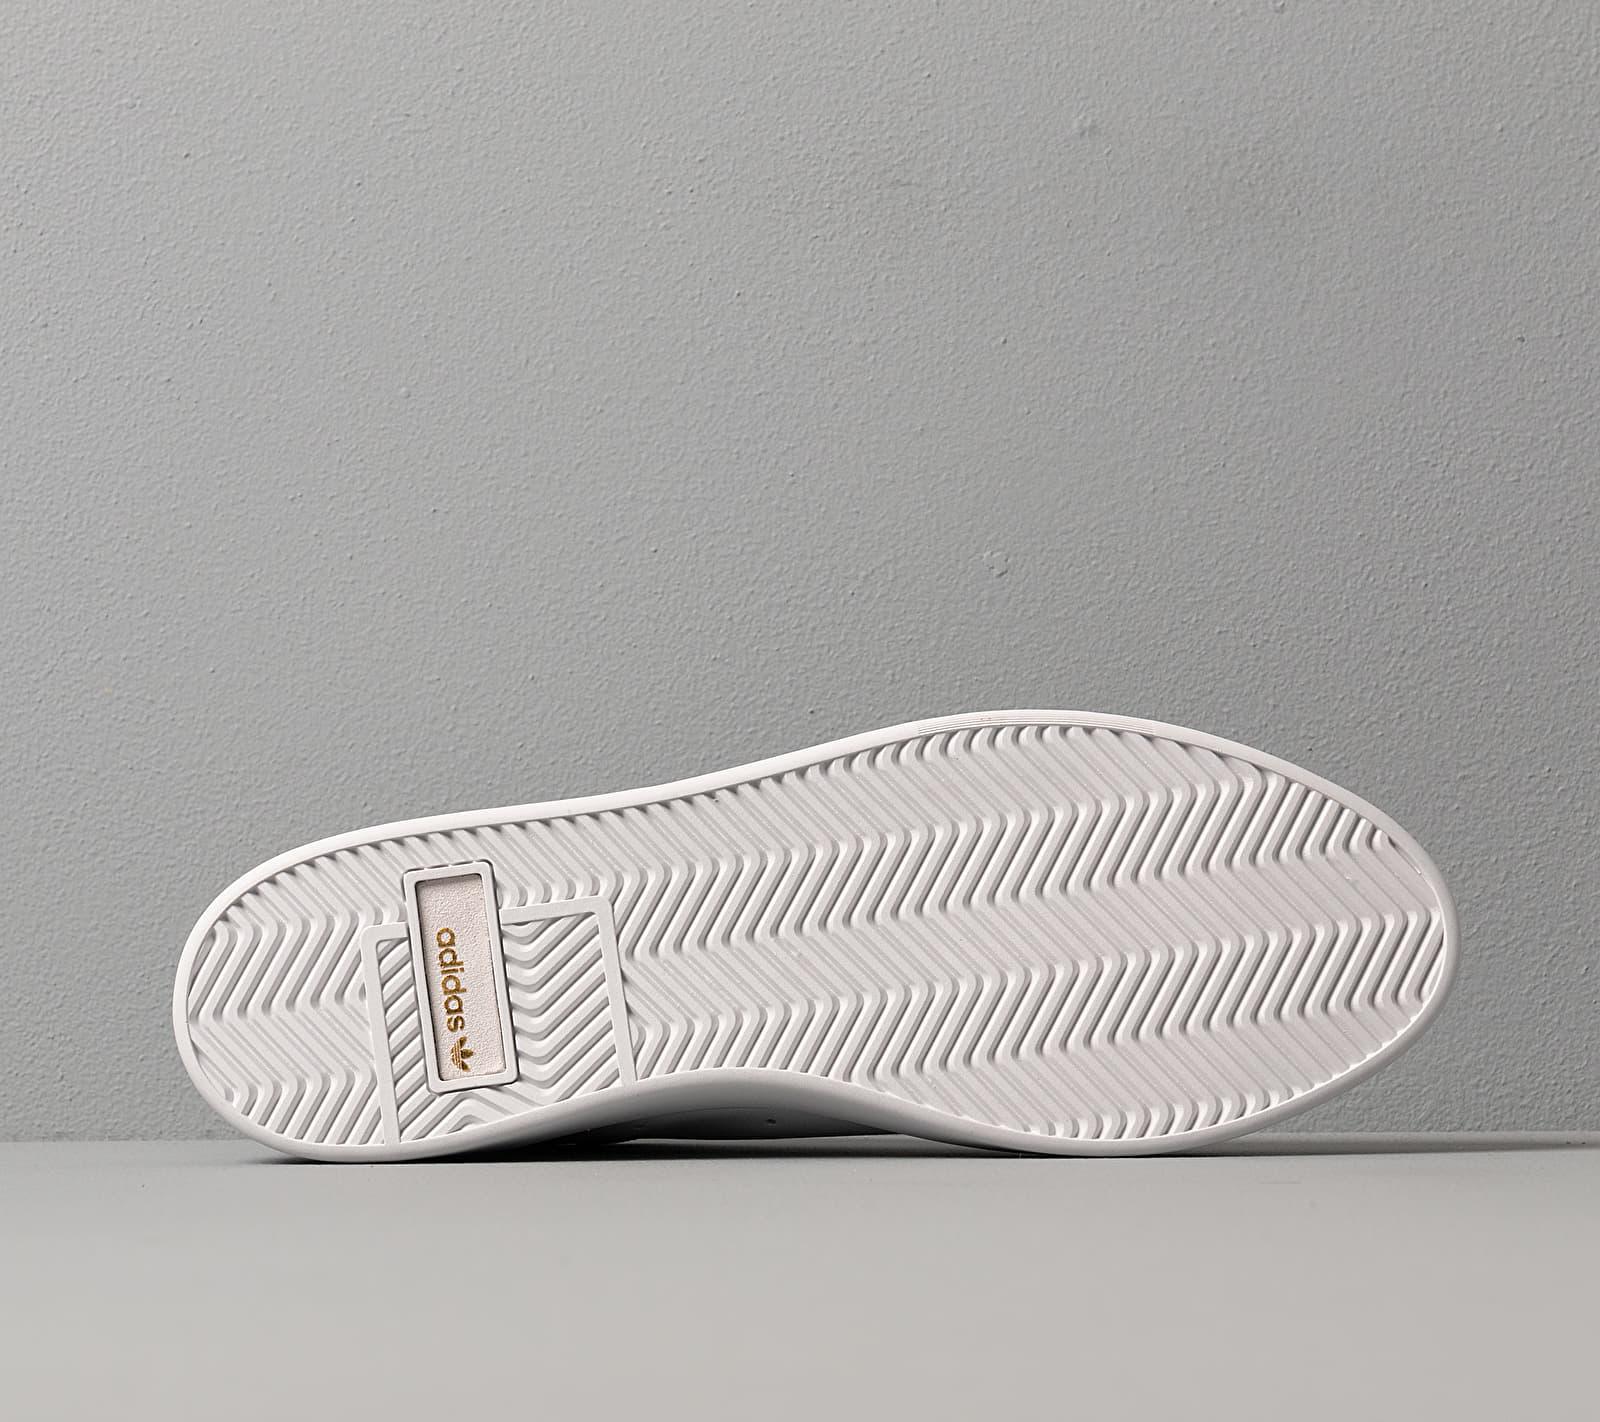 adidas Adidas Sleek Mid W Ftw White/ Ftw White/ Crystal White